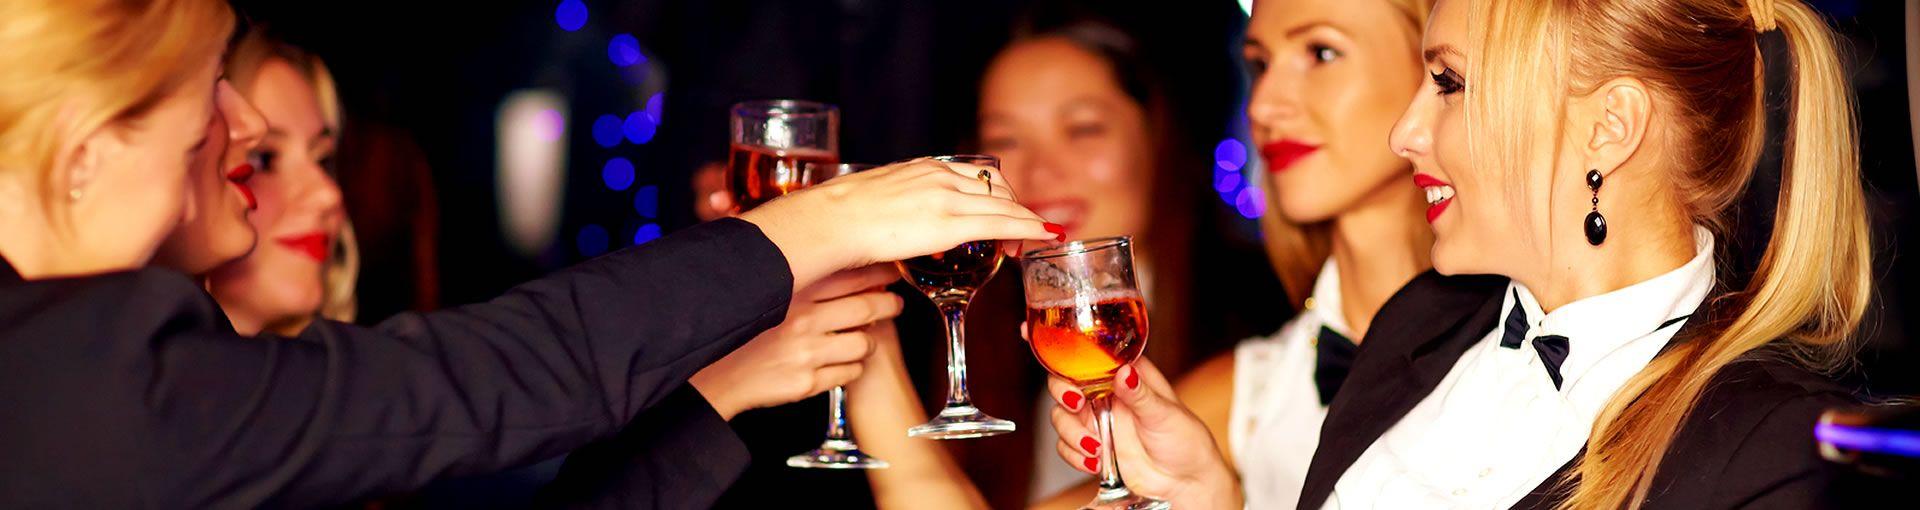 Party Speciais Washington Bachelor/Bachelorette Parties